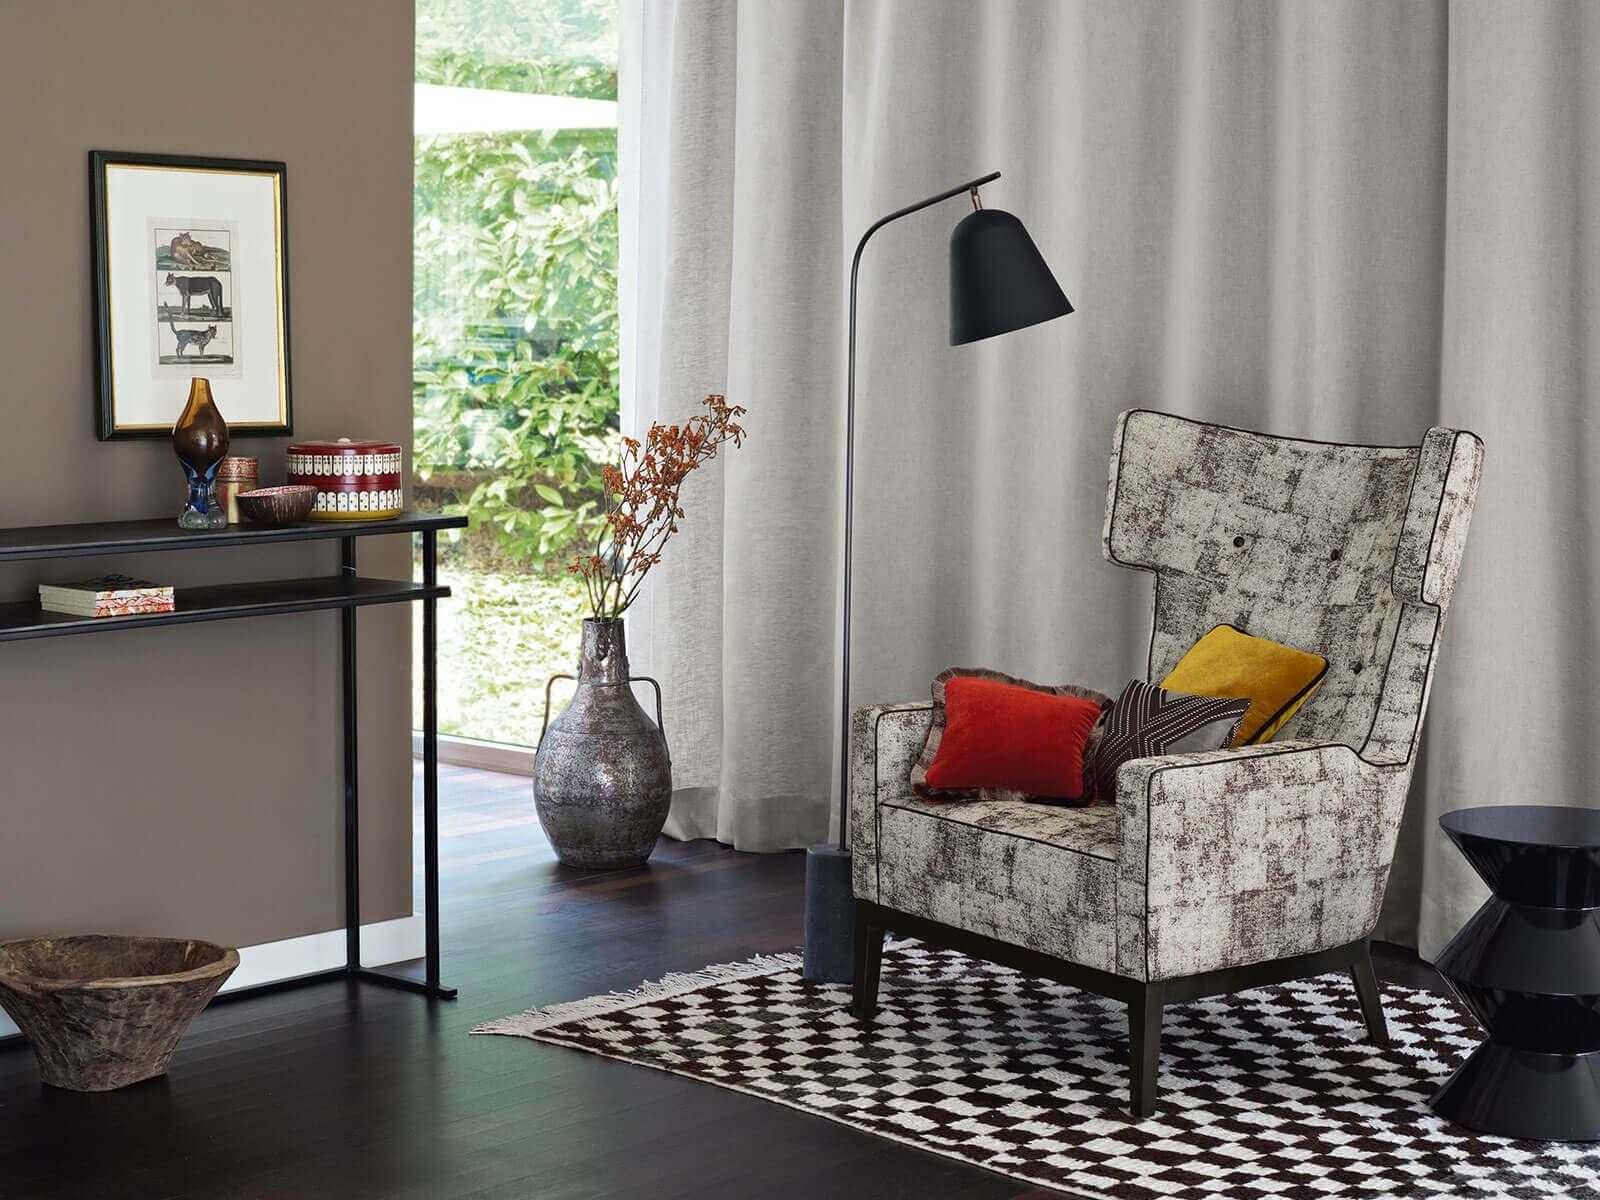 Zimmer Rohde Stoffe Online : tessuti tessitura d 39 arte ~ Frokenaadalensverden.com Haus und Dekorationen